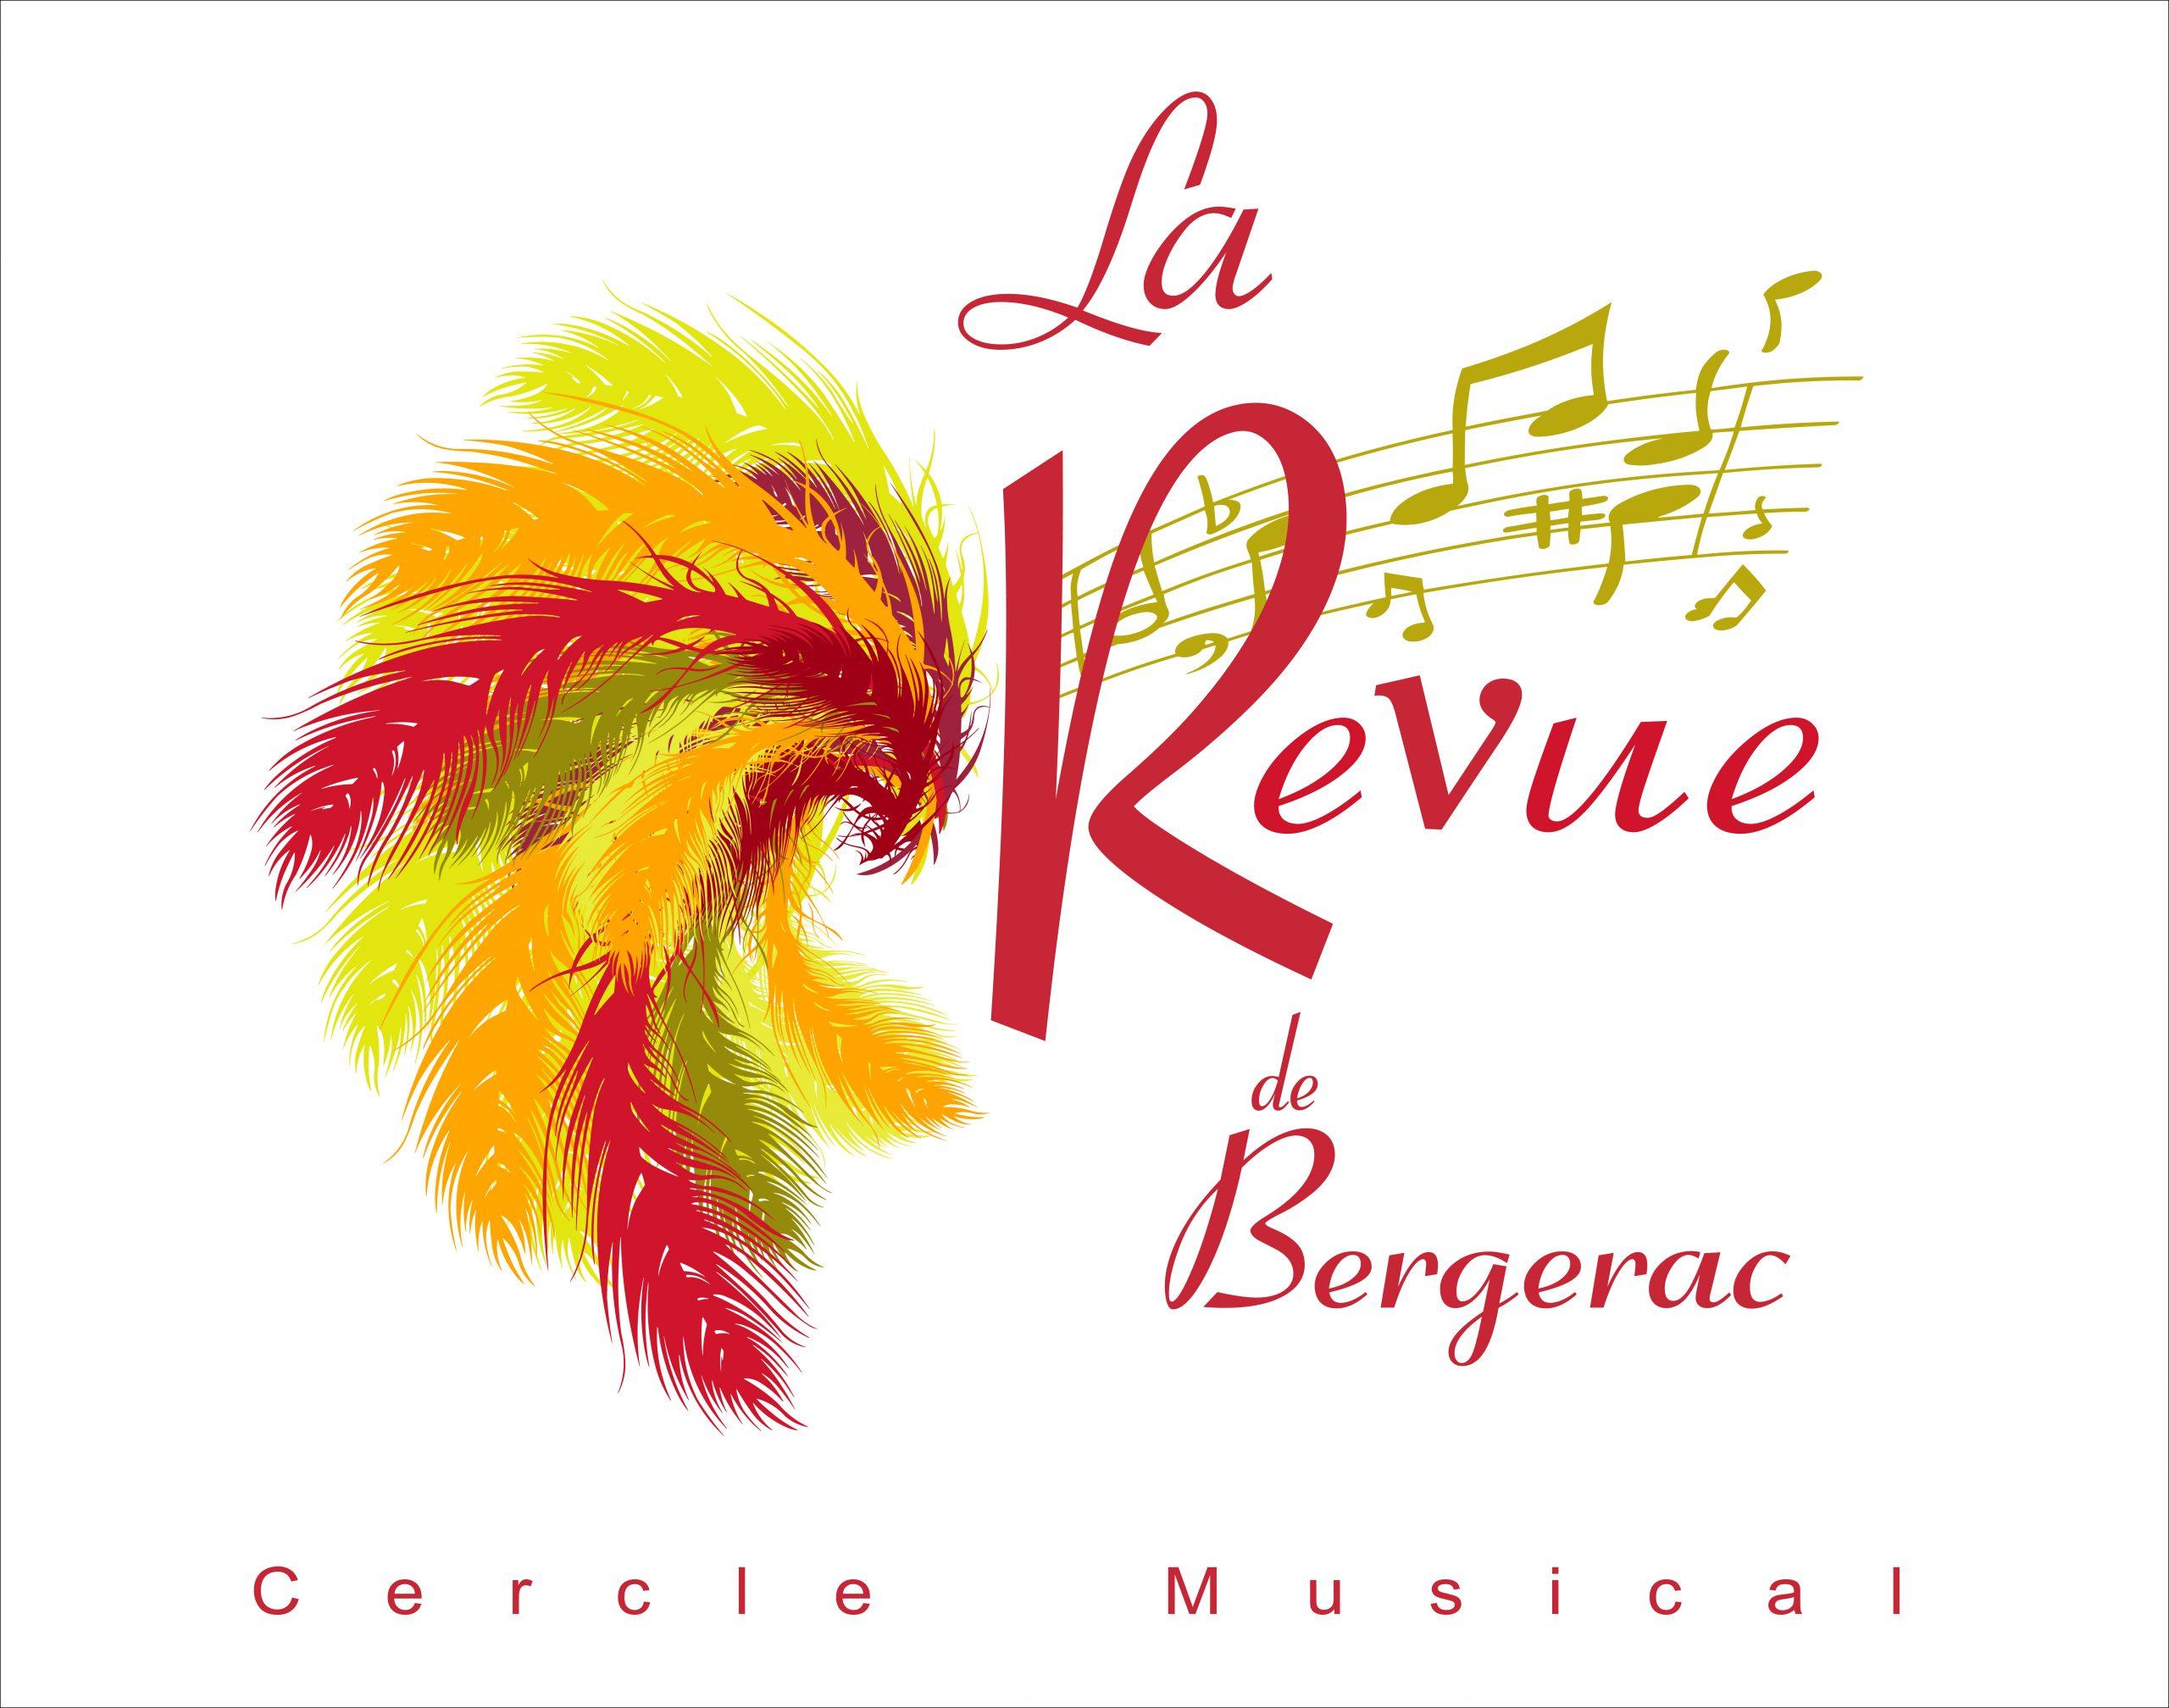 Pour ses 100 ans de Revue, le Cercle Musical s'offre un nouveau logo